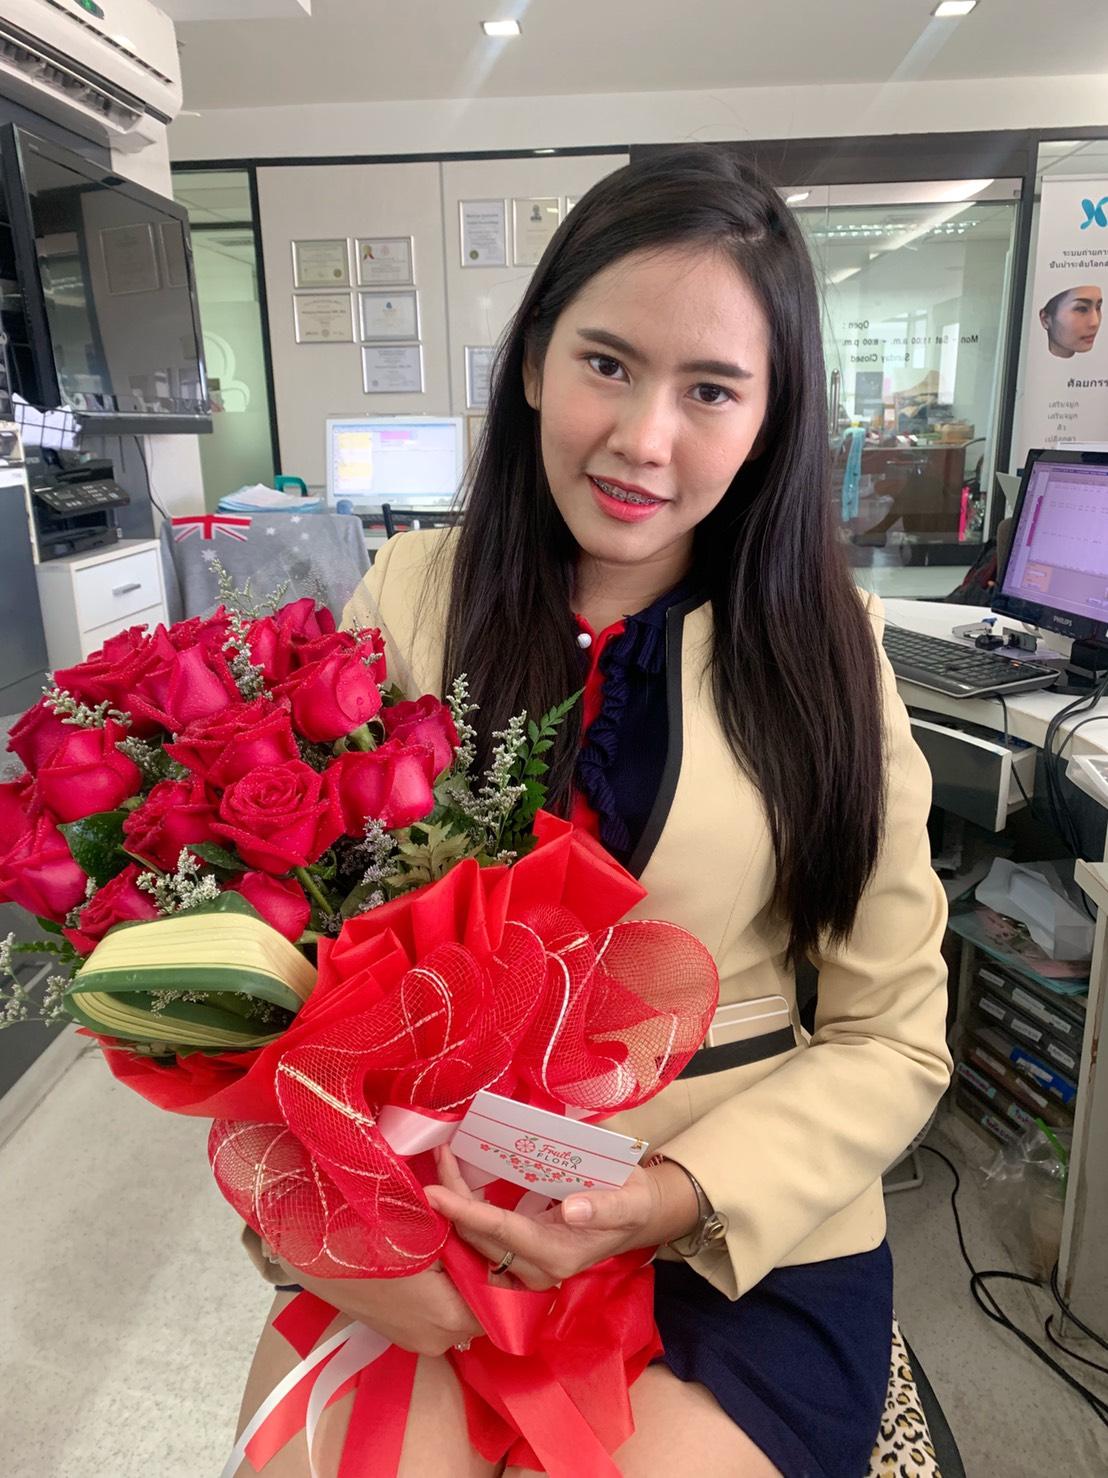 ช่อดอกกุหลาบแดงทรงสูง มองเห็นแต่ไกล สวยเด่นสะดุดตาทุกคนจริง ๆ ค่ะ